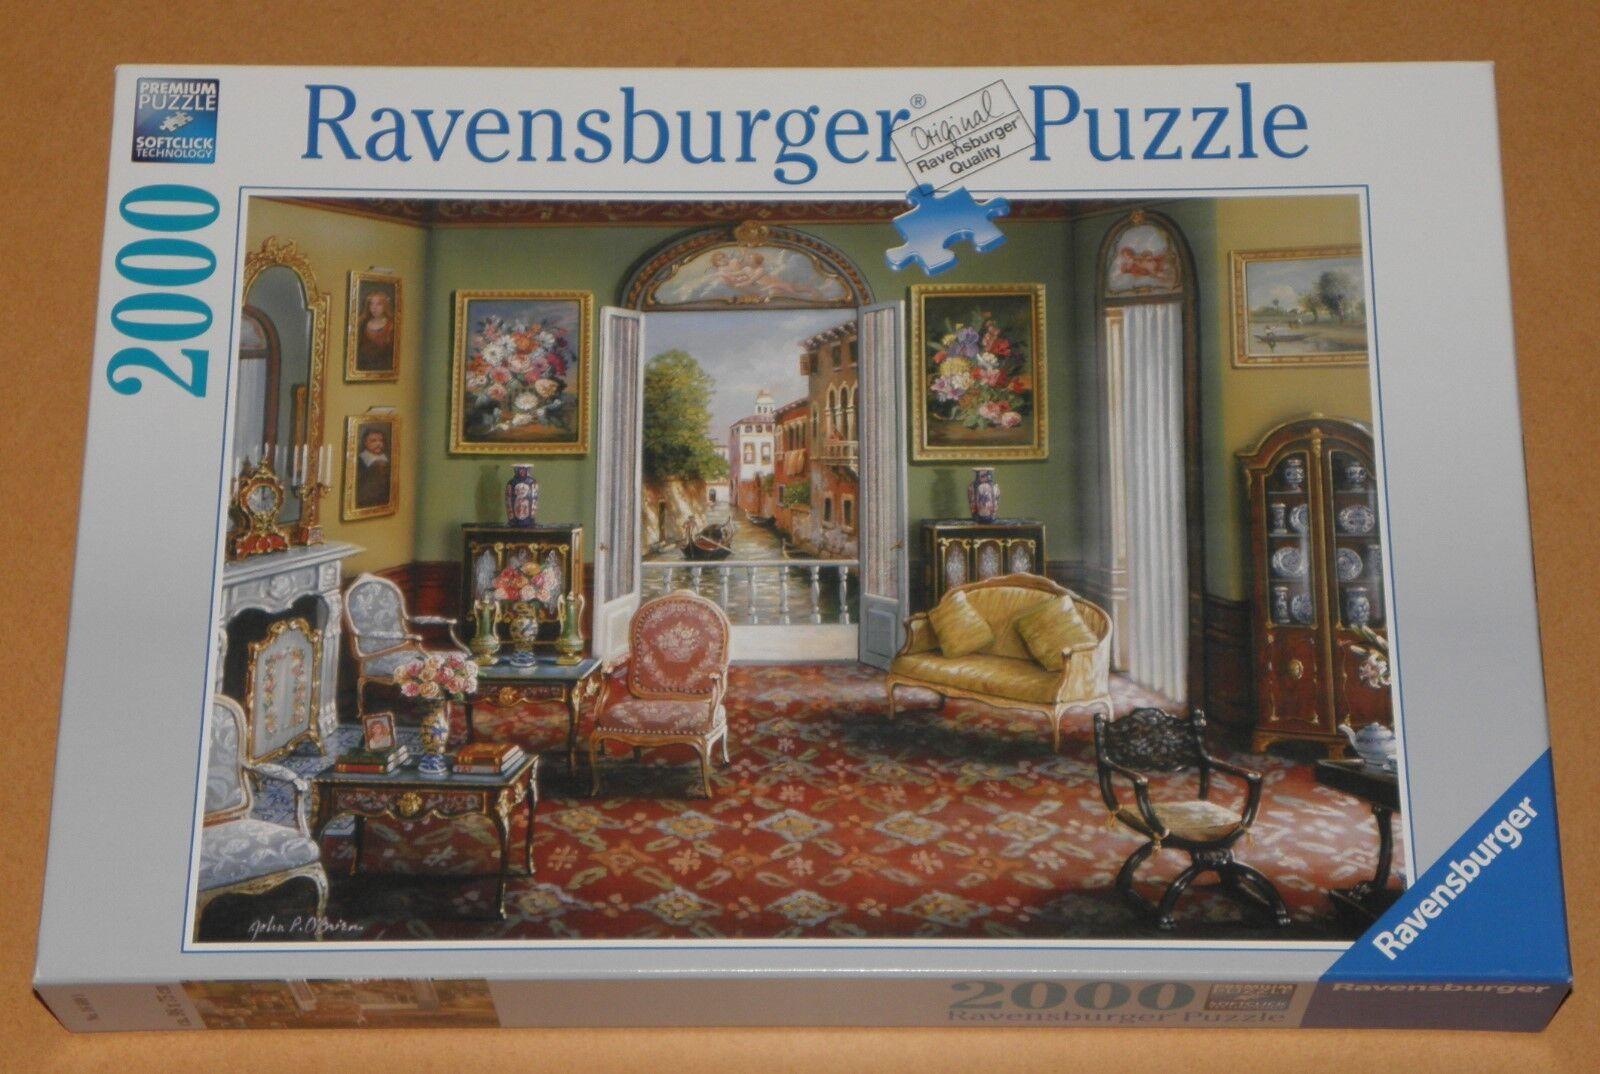 Puzzle 2000 pezzi room with a view camera con vista RAVENSBURGER 16689 Merce Nuova